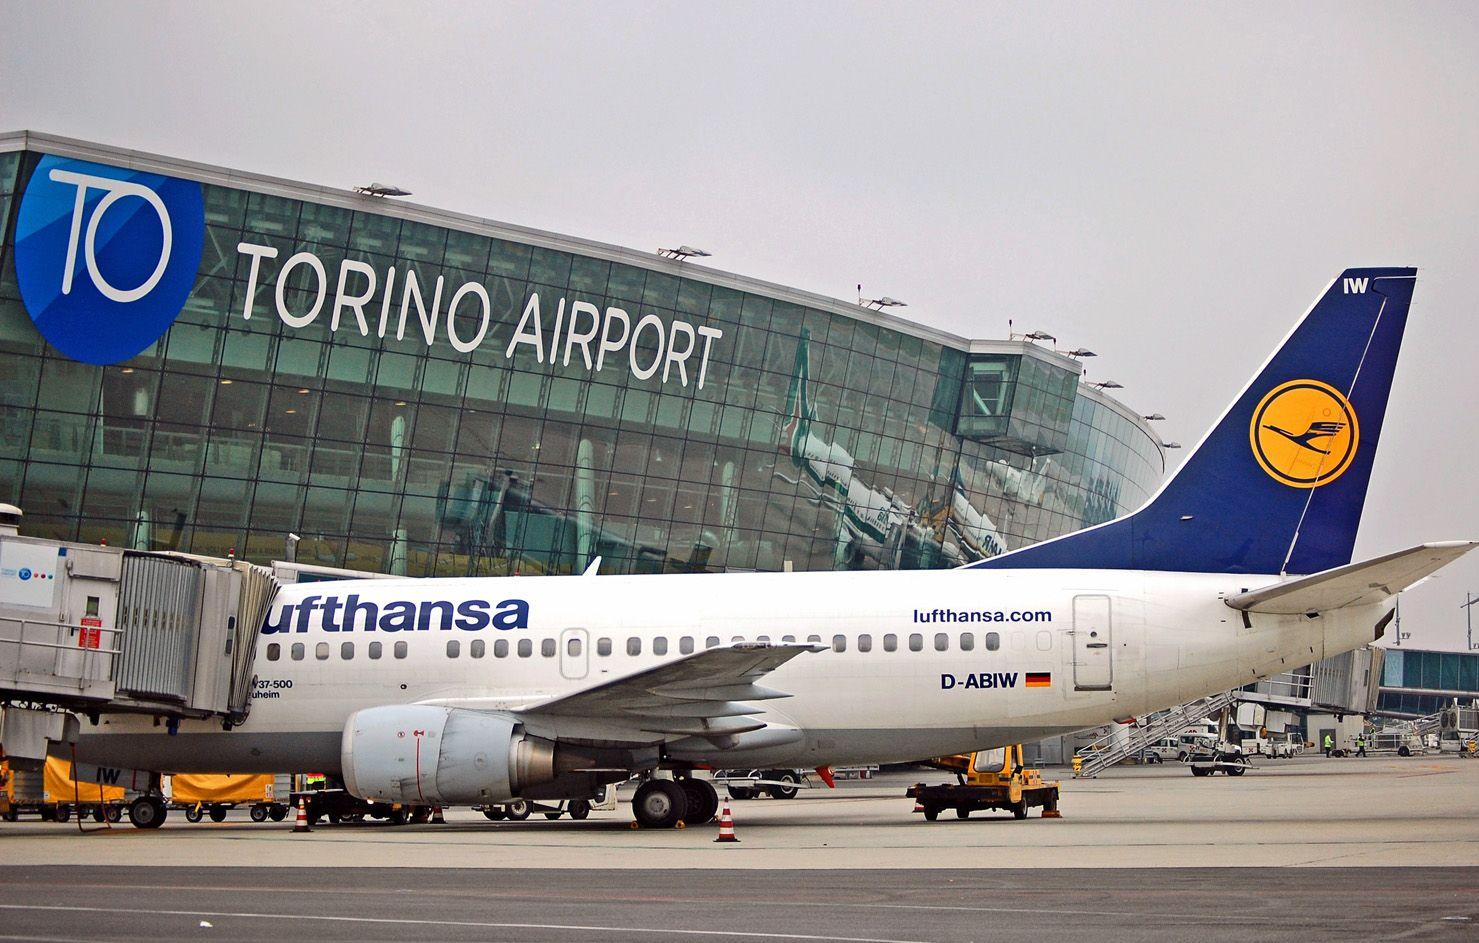 CASELLE - Procedure sanitarie anti covid ok: aeroporto promosso